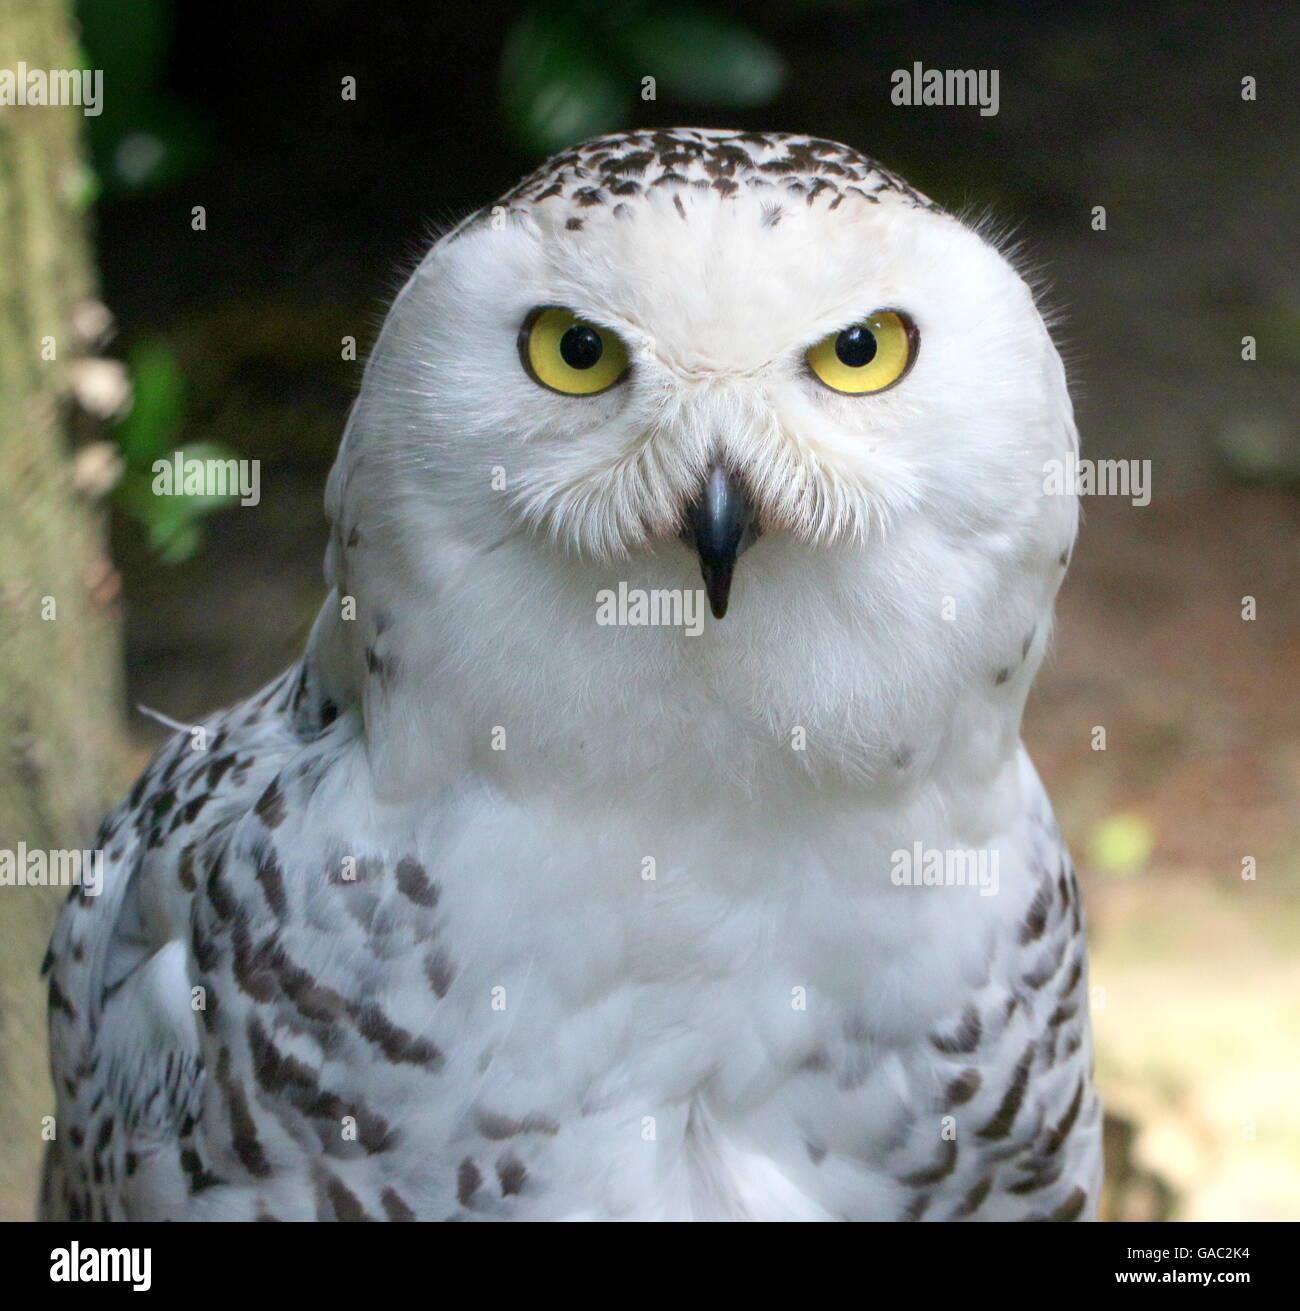 Schnee-Eule (Bubo Scandiacus) Oberkörper und Kopf, gerichtete Kamera Stockbild